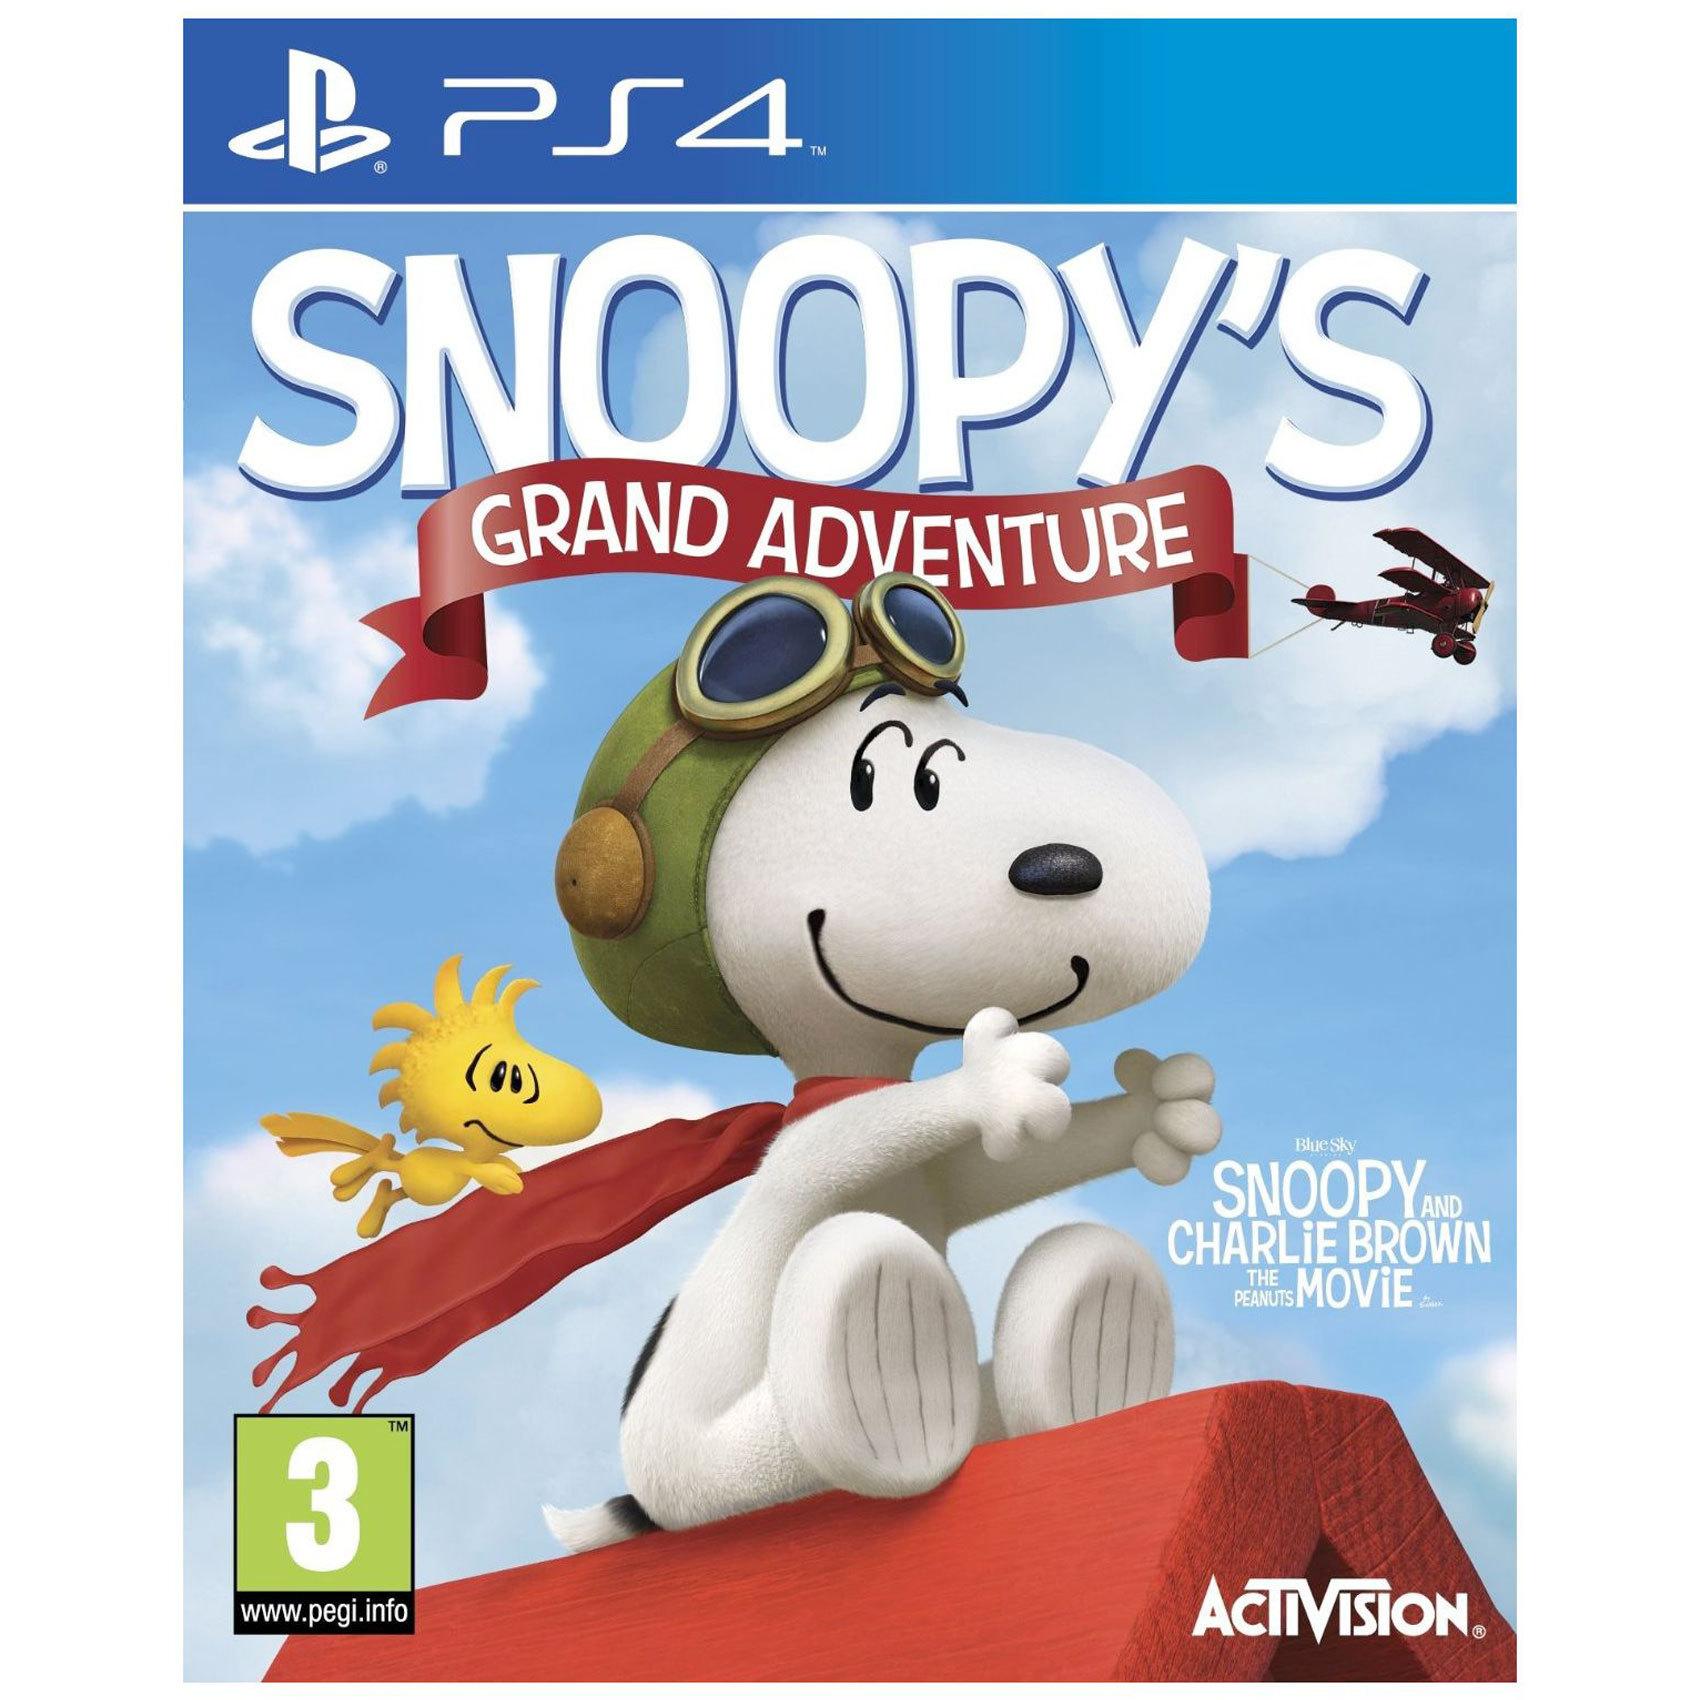 SONY PS4 THE PEANUTS MOVIE: SNOOPY